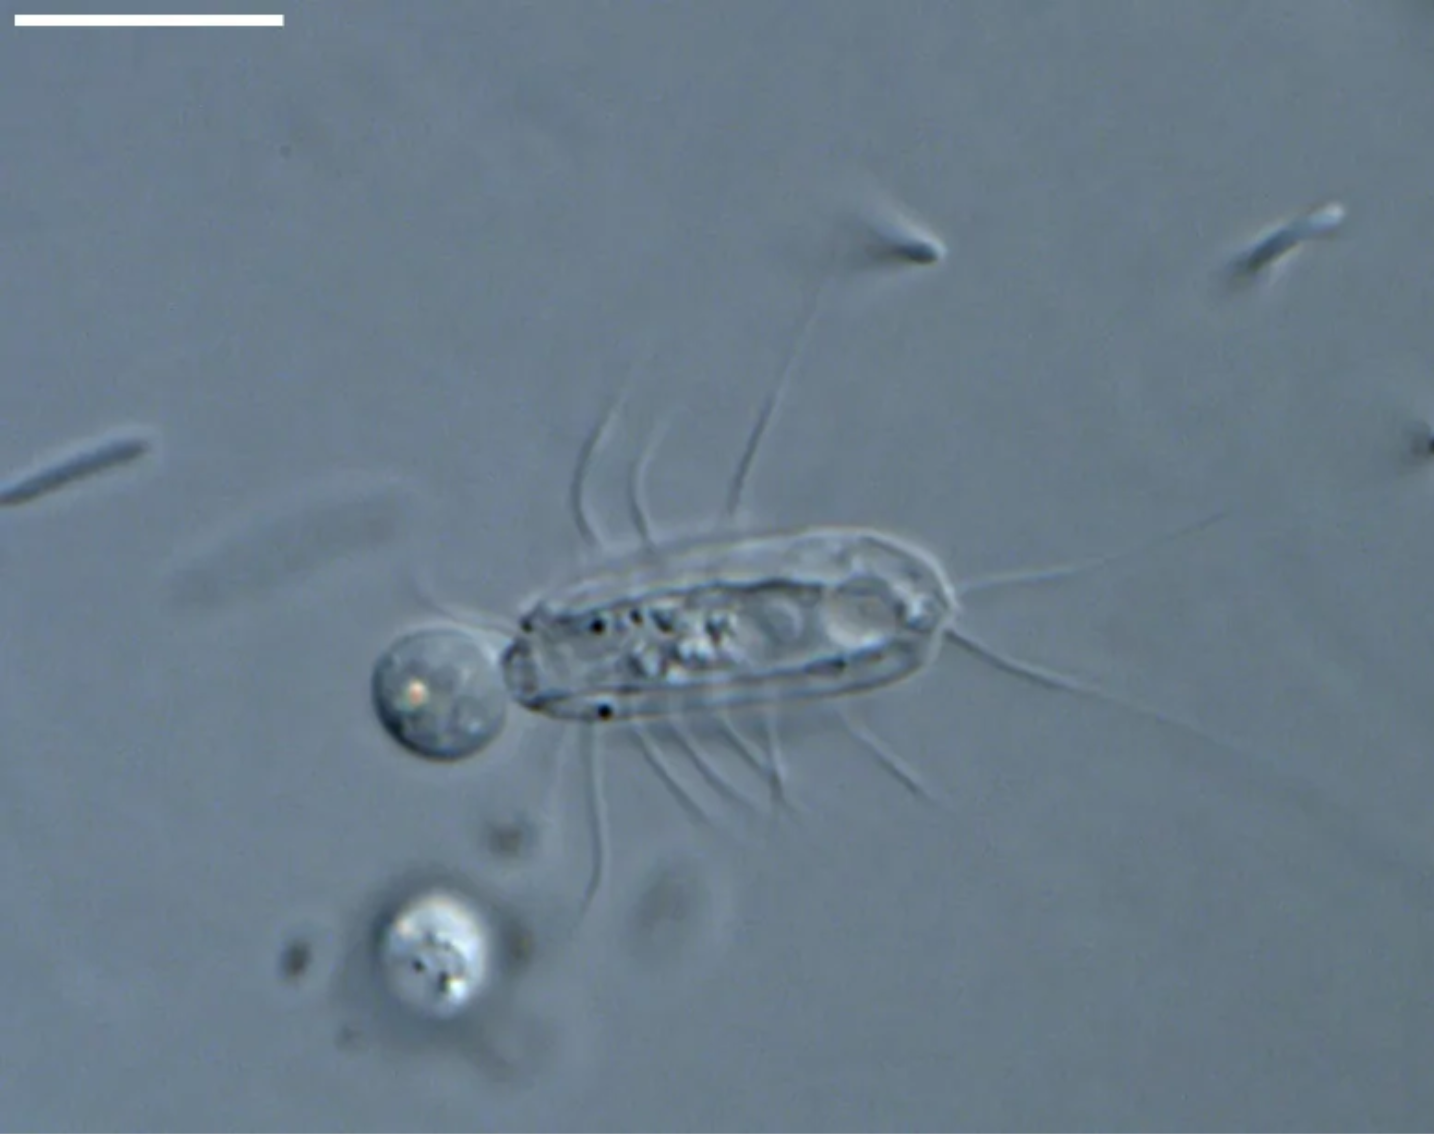 Hemimastix kukwesjijk ışık mikroskobu altında beslenirken.